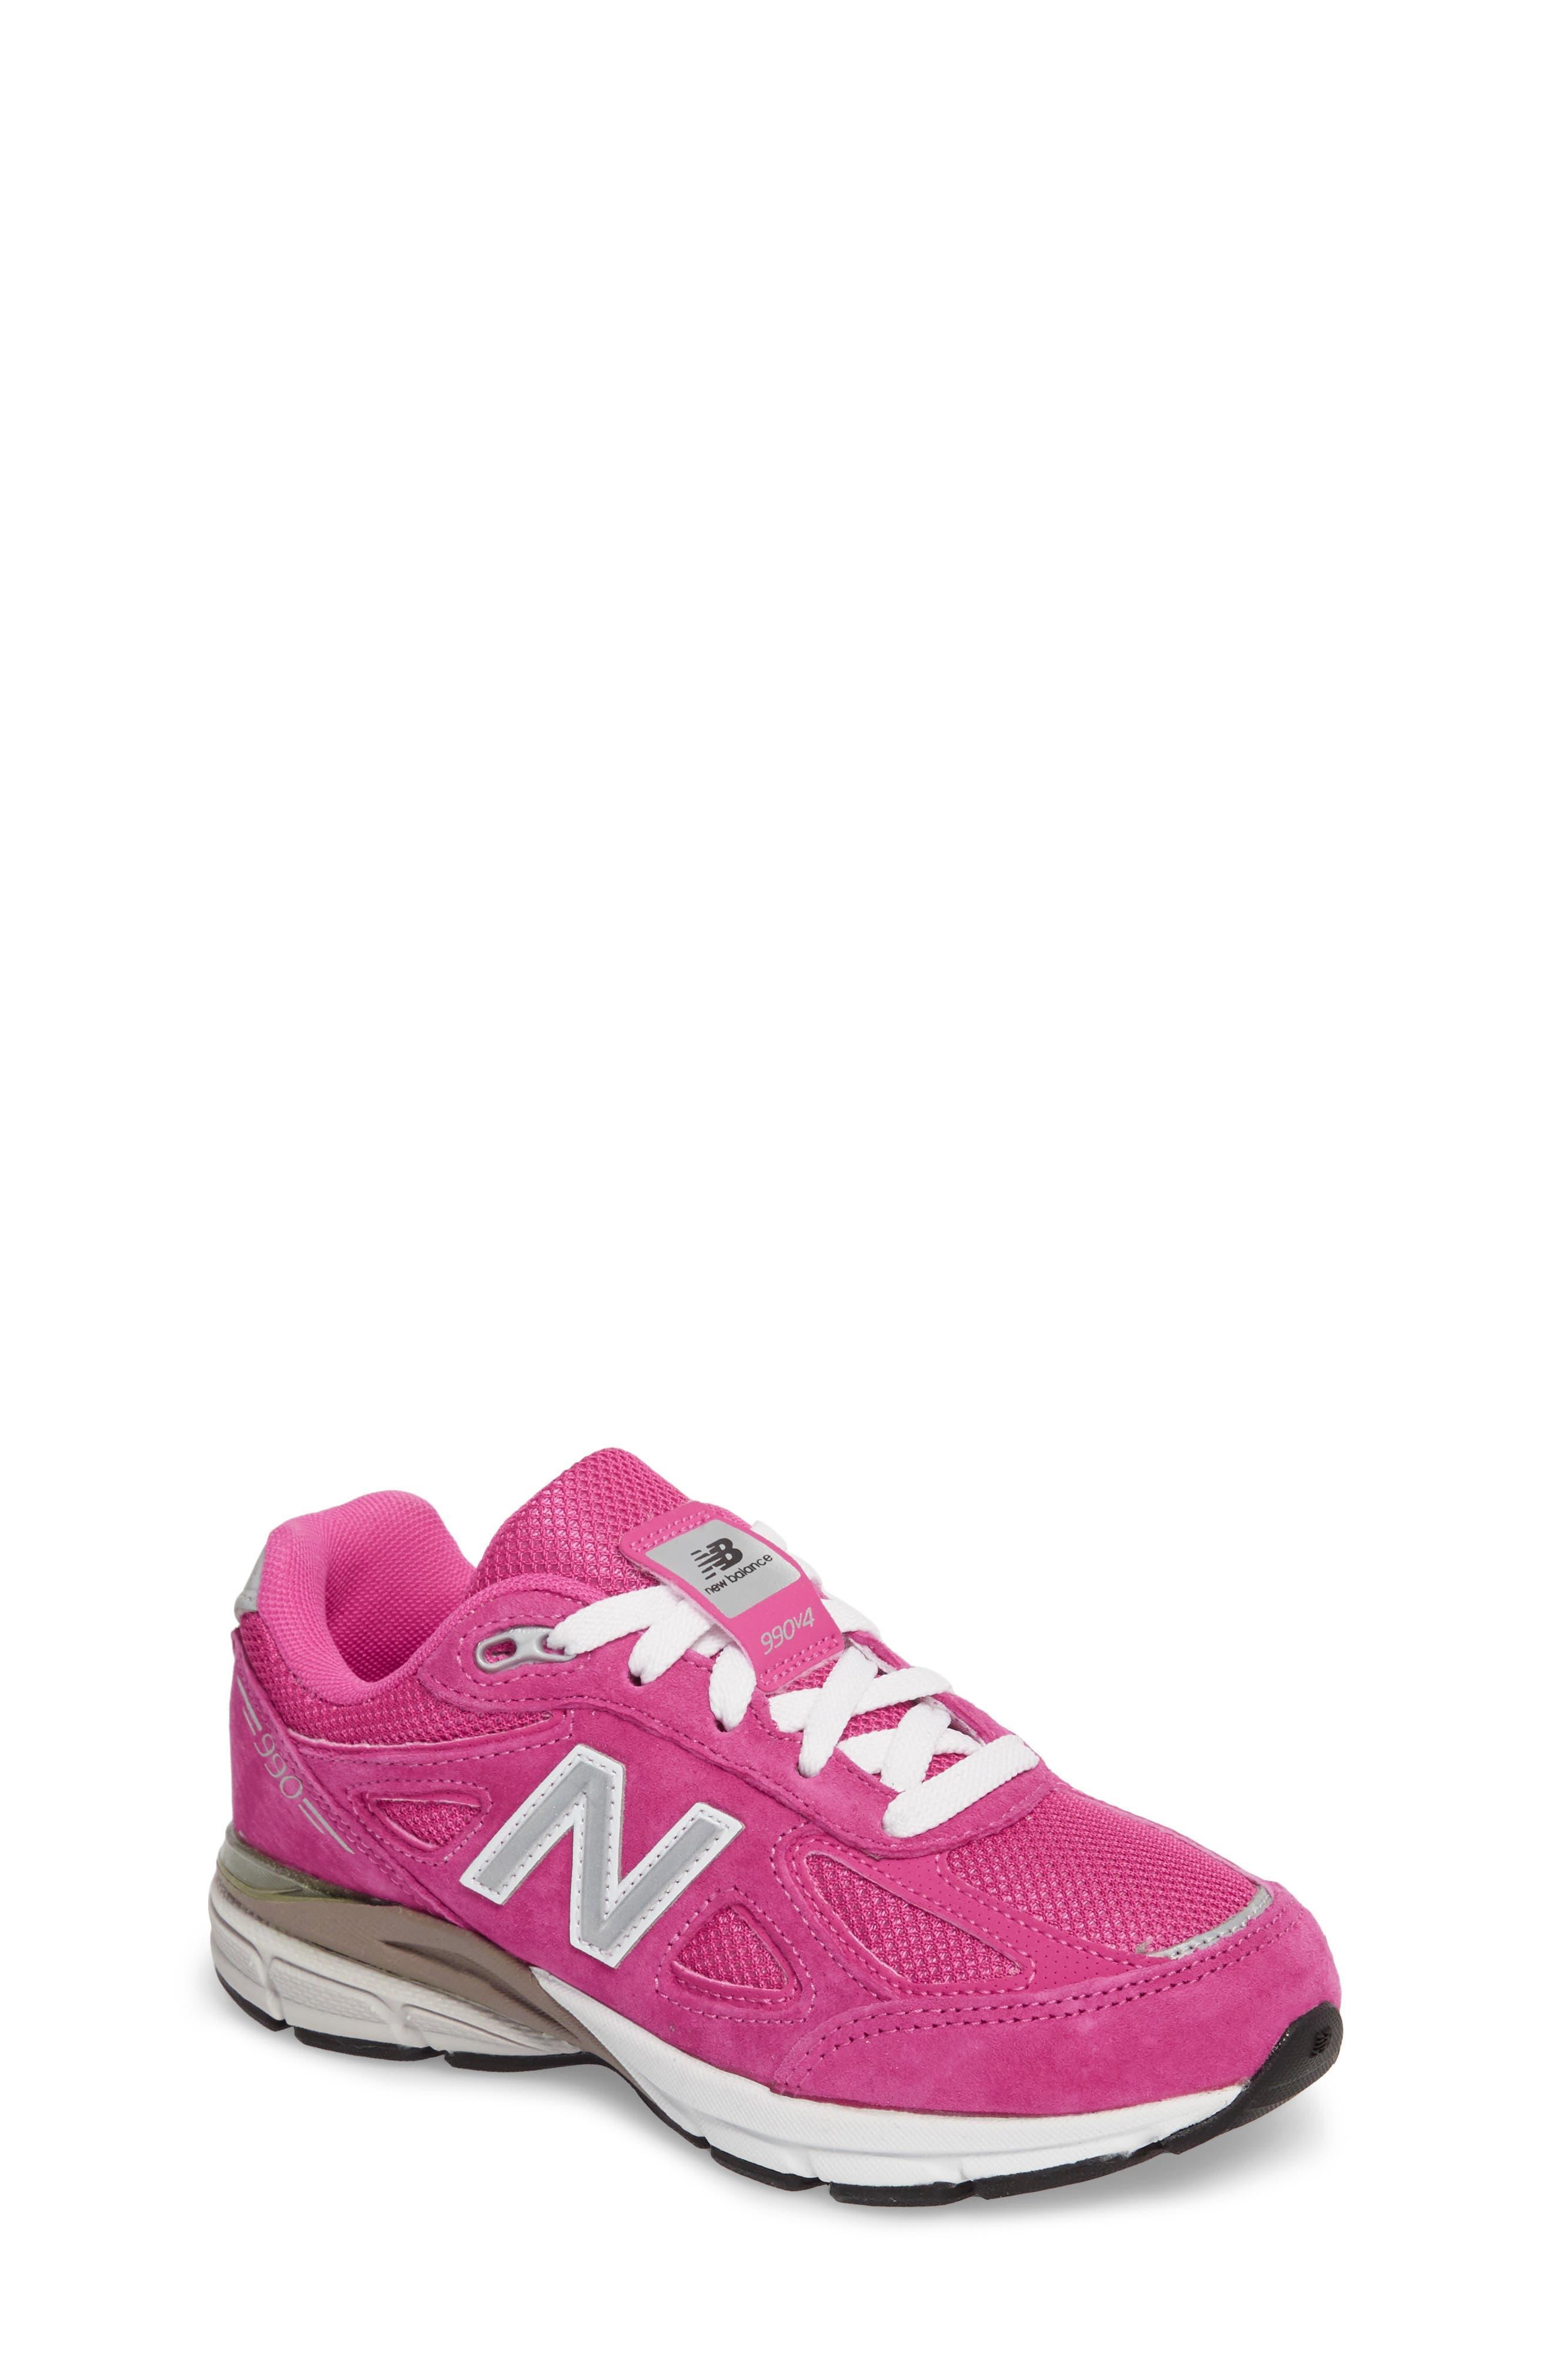 990v4 Sneaker,                         Main,                         color, Pink